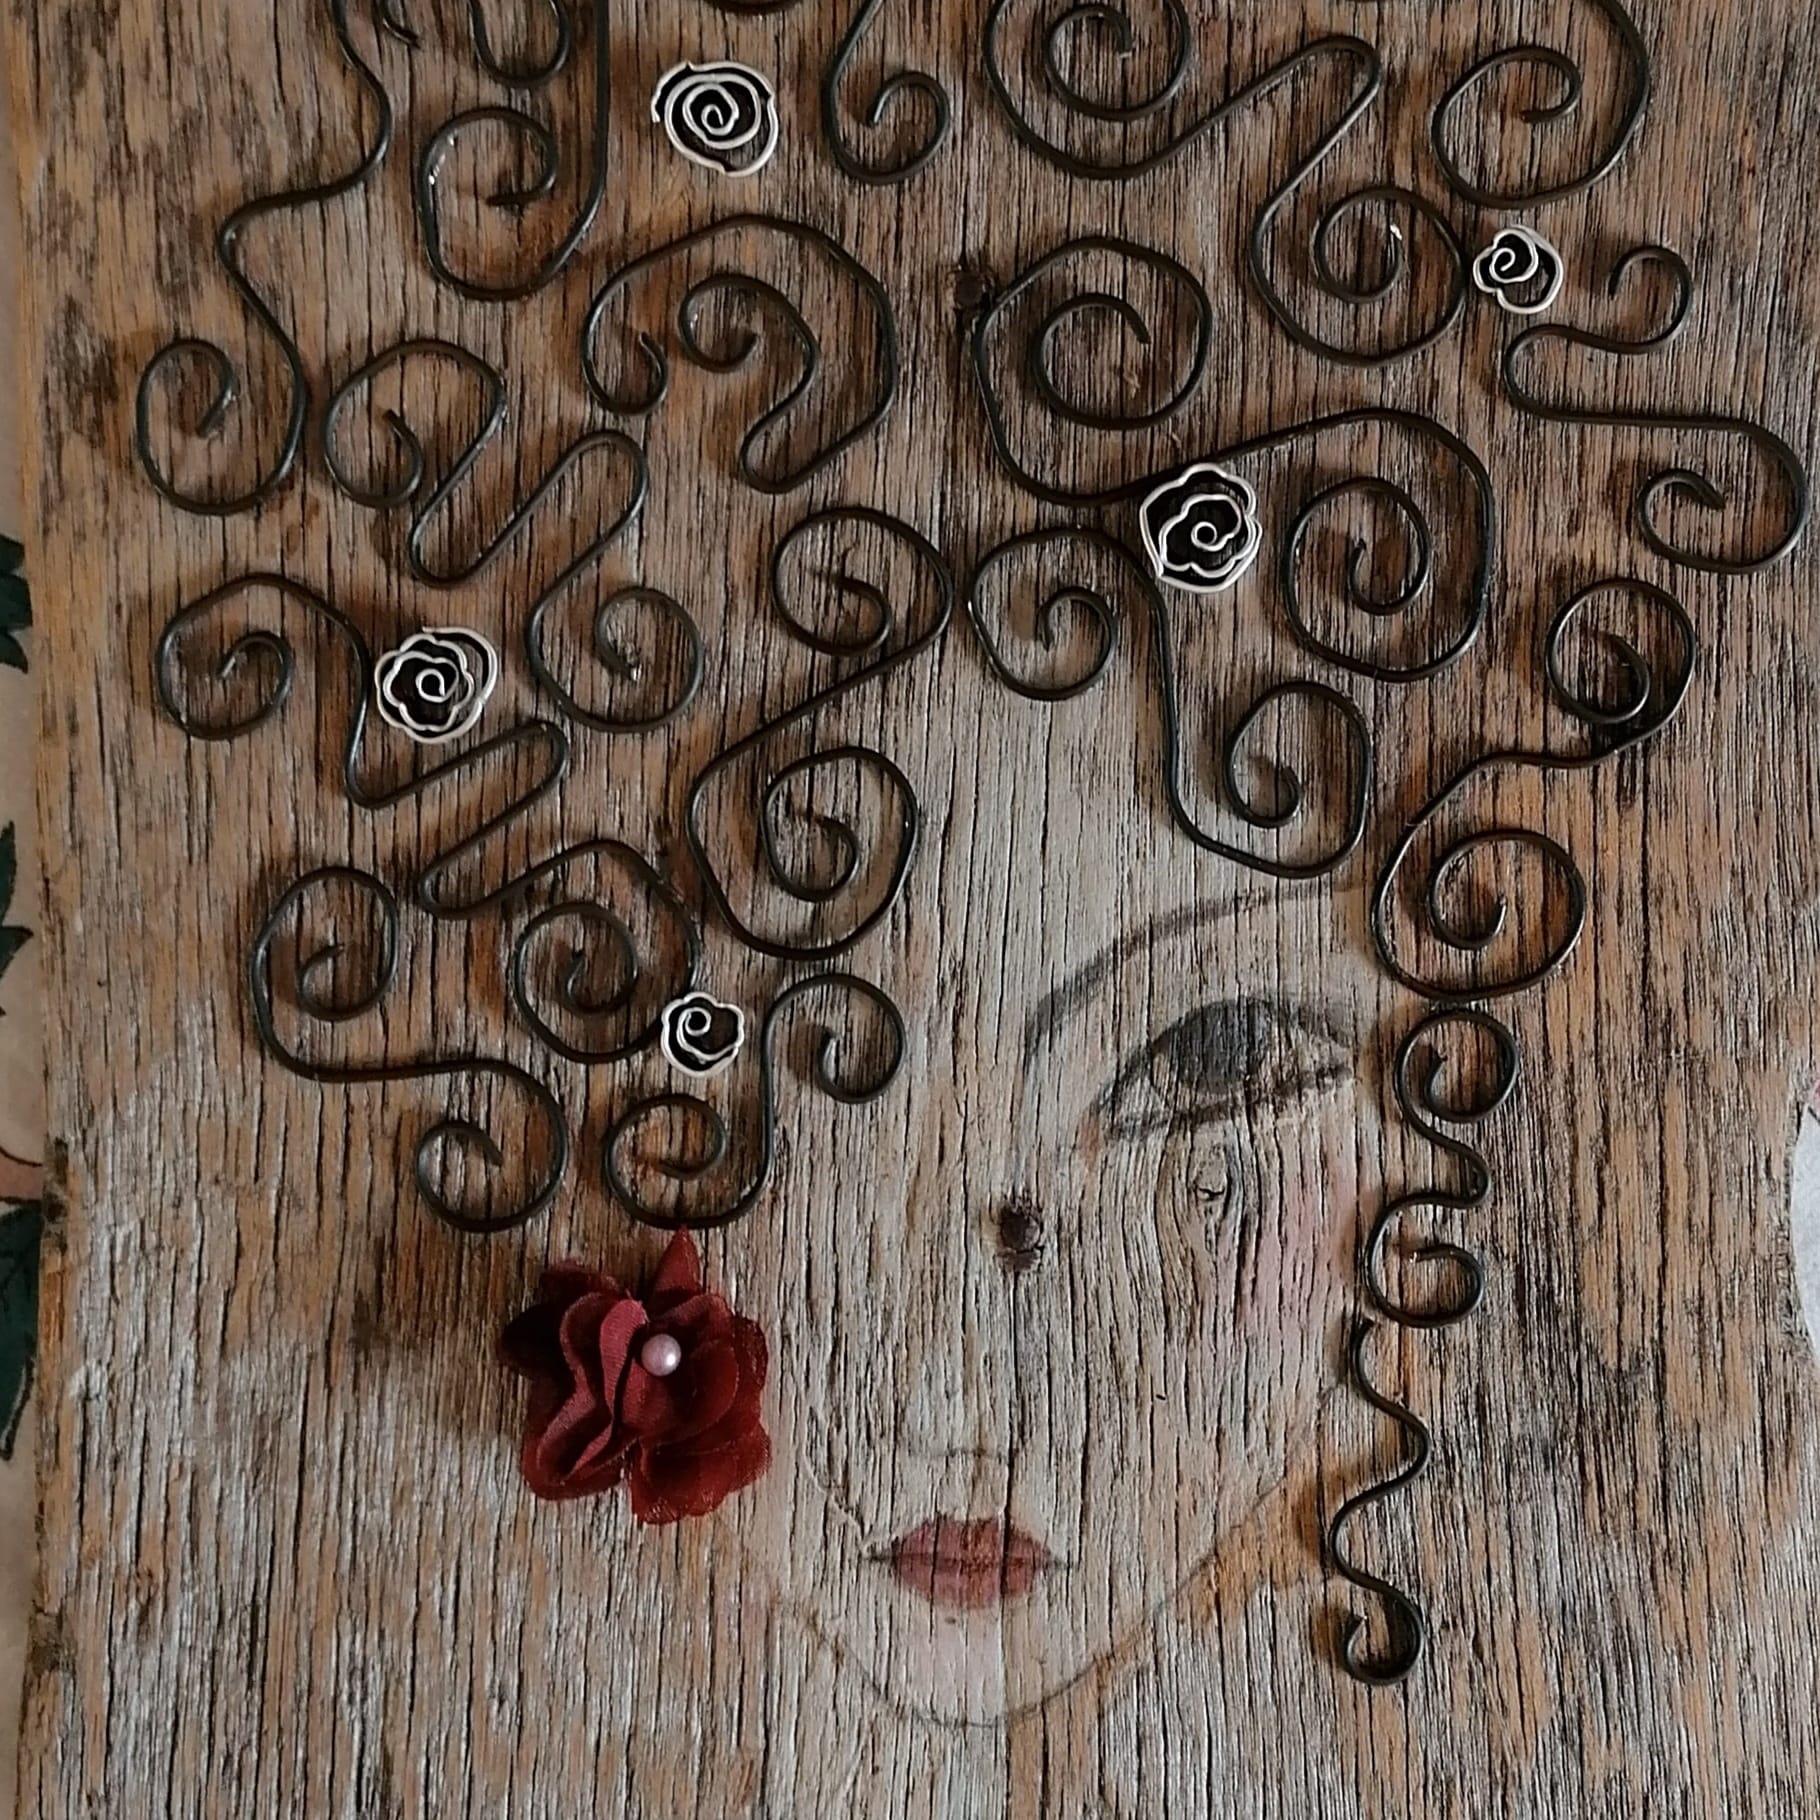 Fanciulla - artigianato ecosostenibile di Lizzy Bianconi